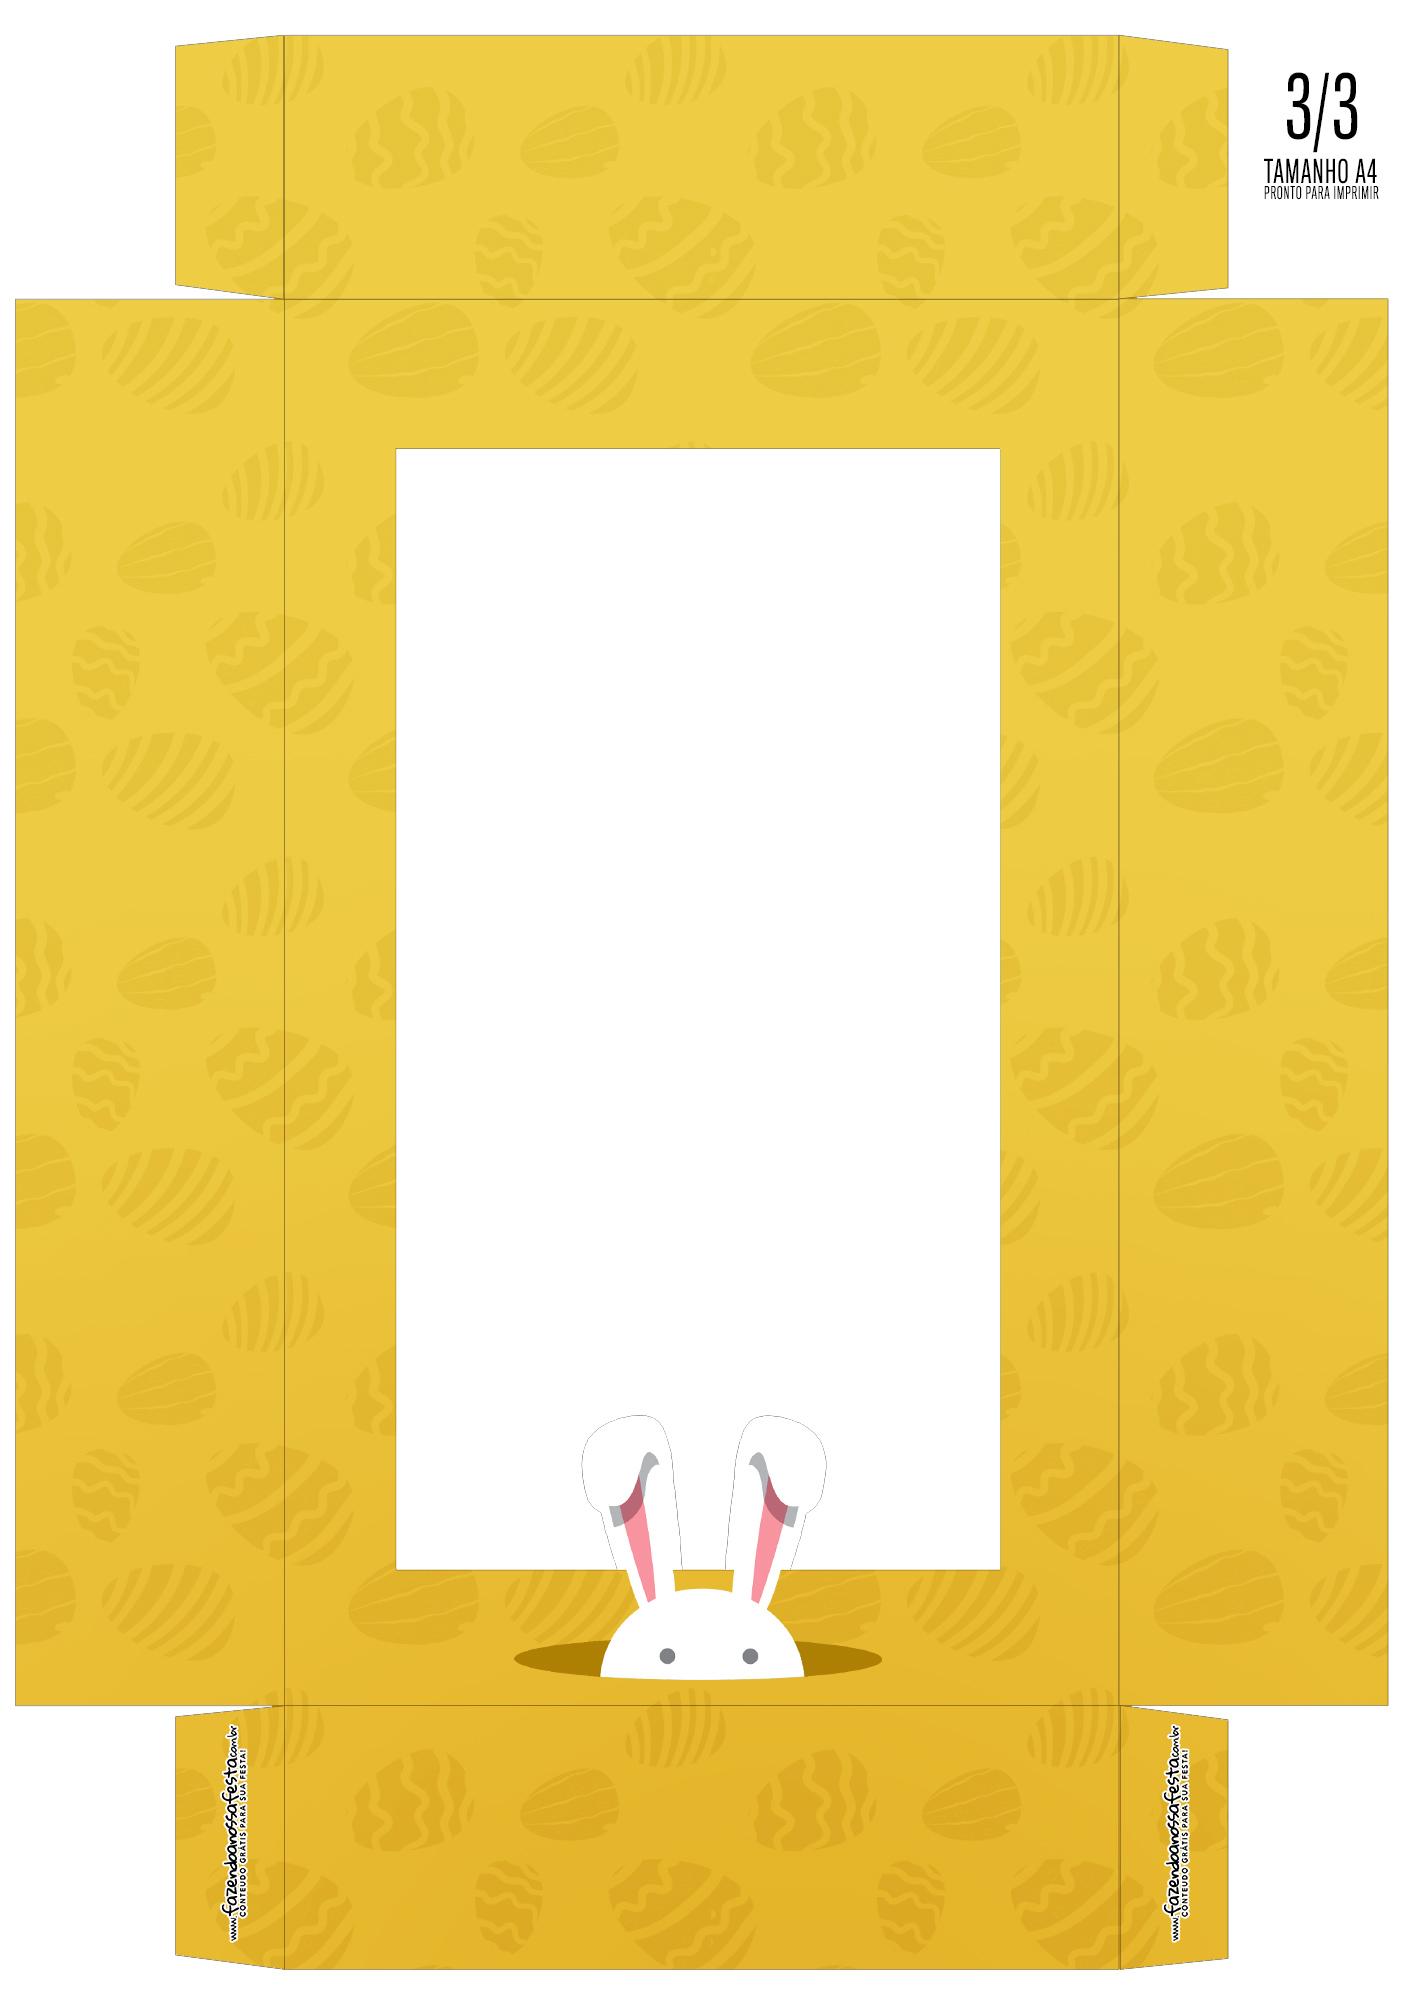 Caixa Ovo de Pascoa 14-1